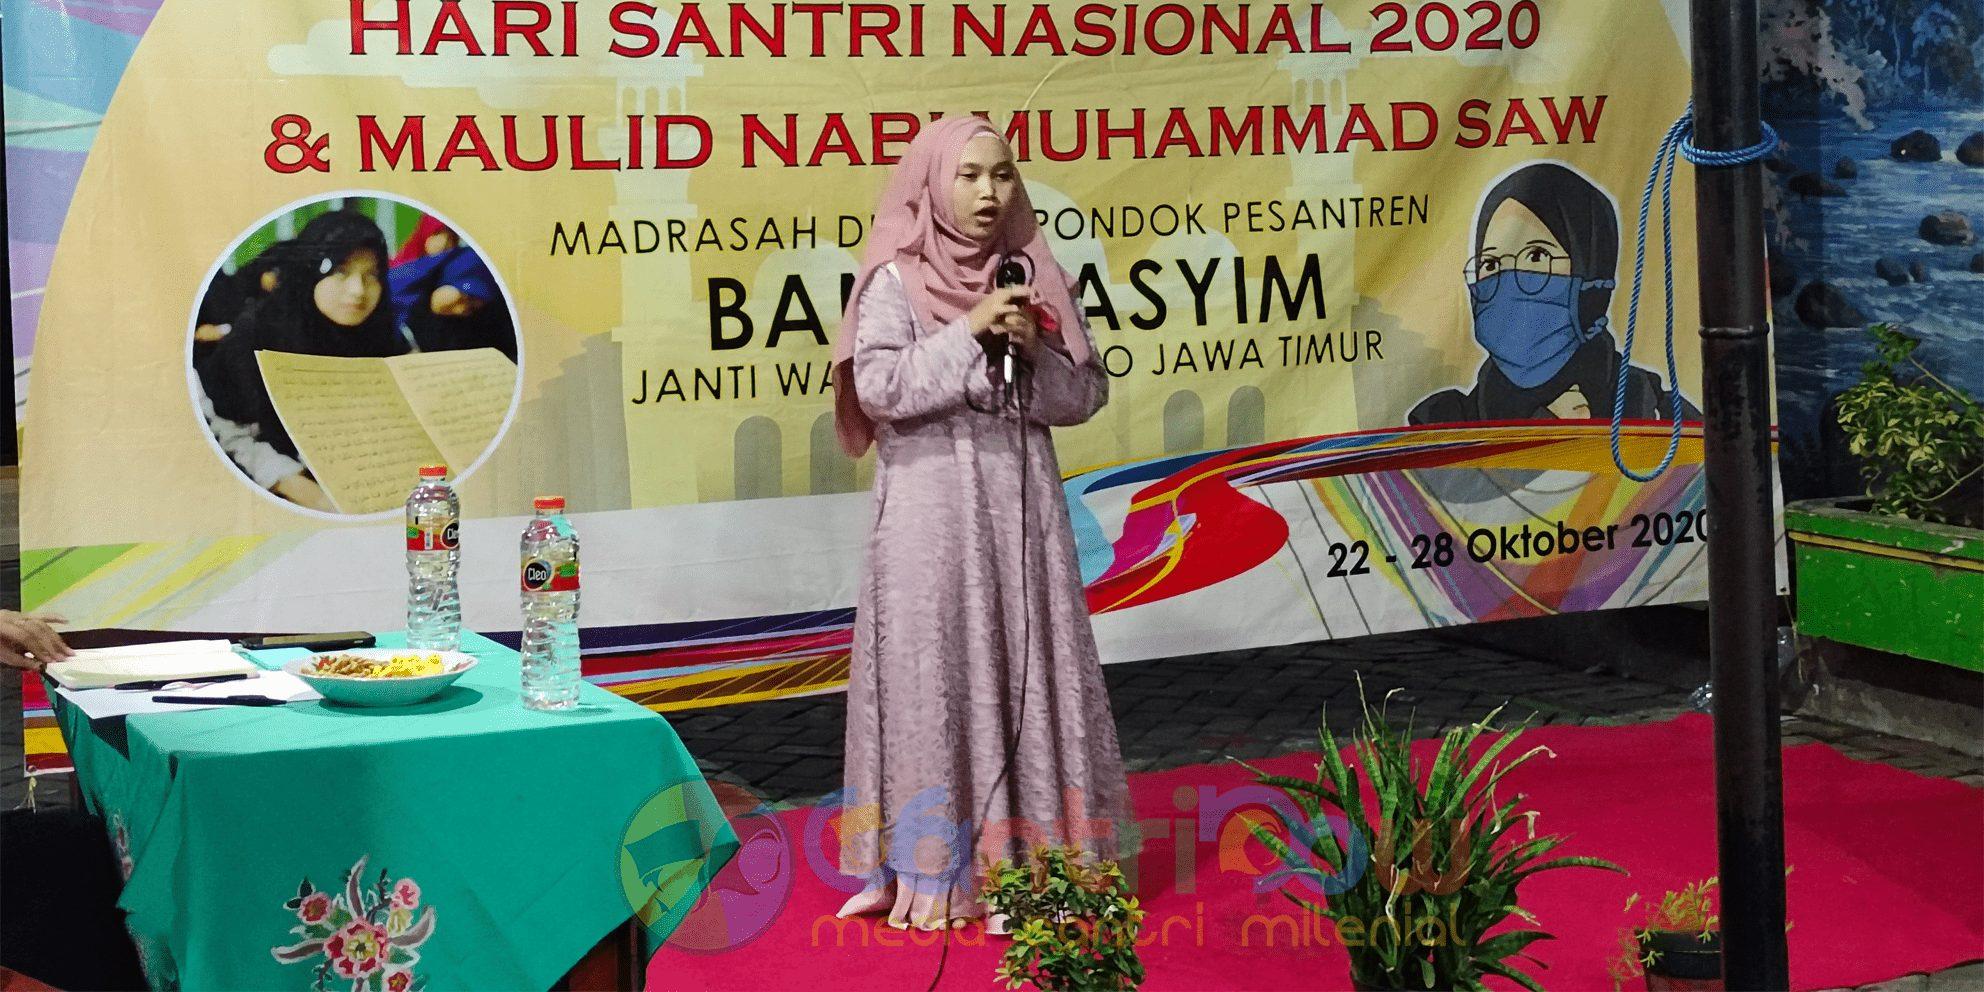 Pidato Hari Santri Nasional, Jumat 22 Oktober 2021